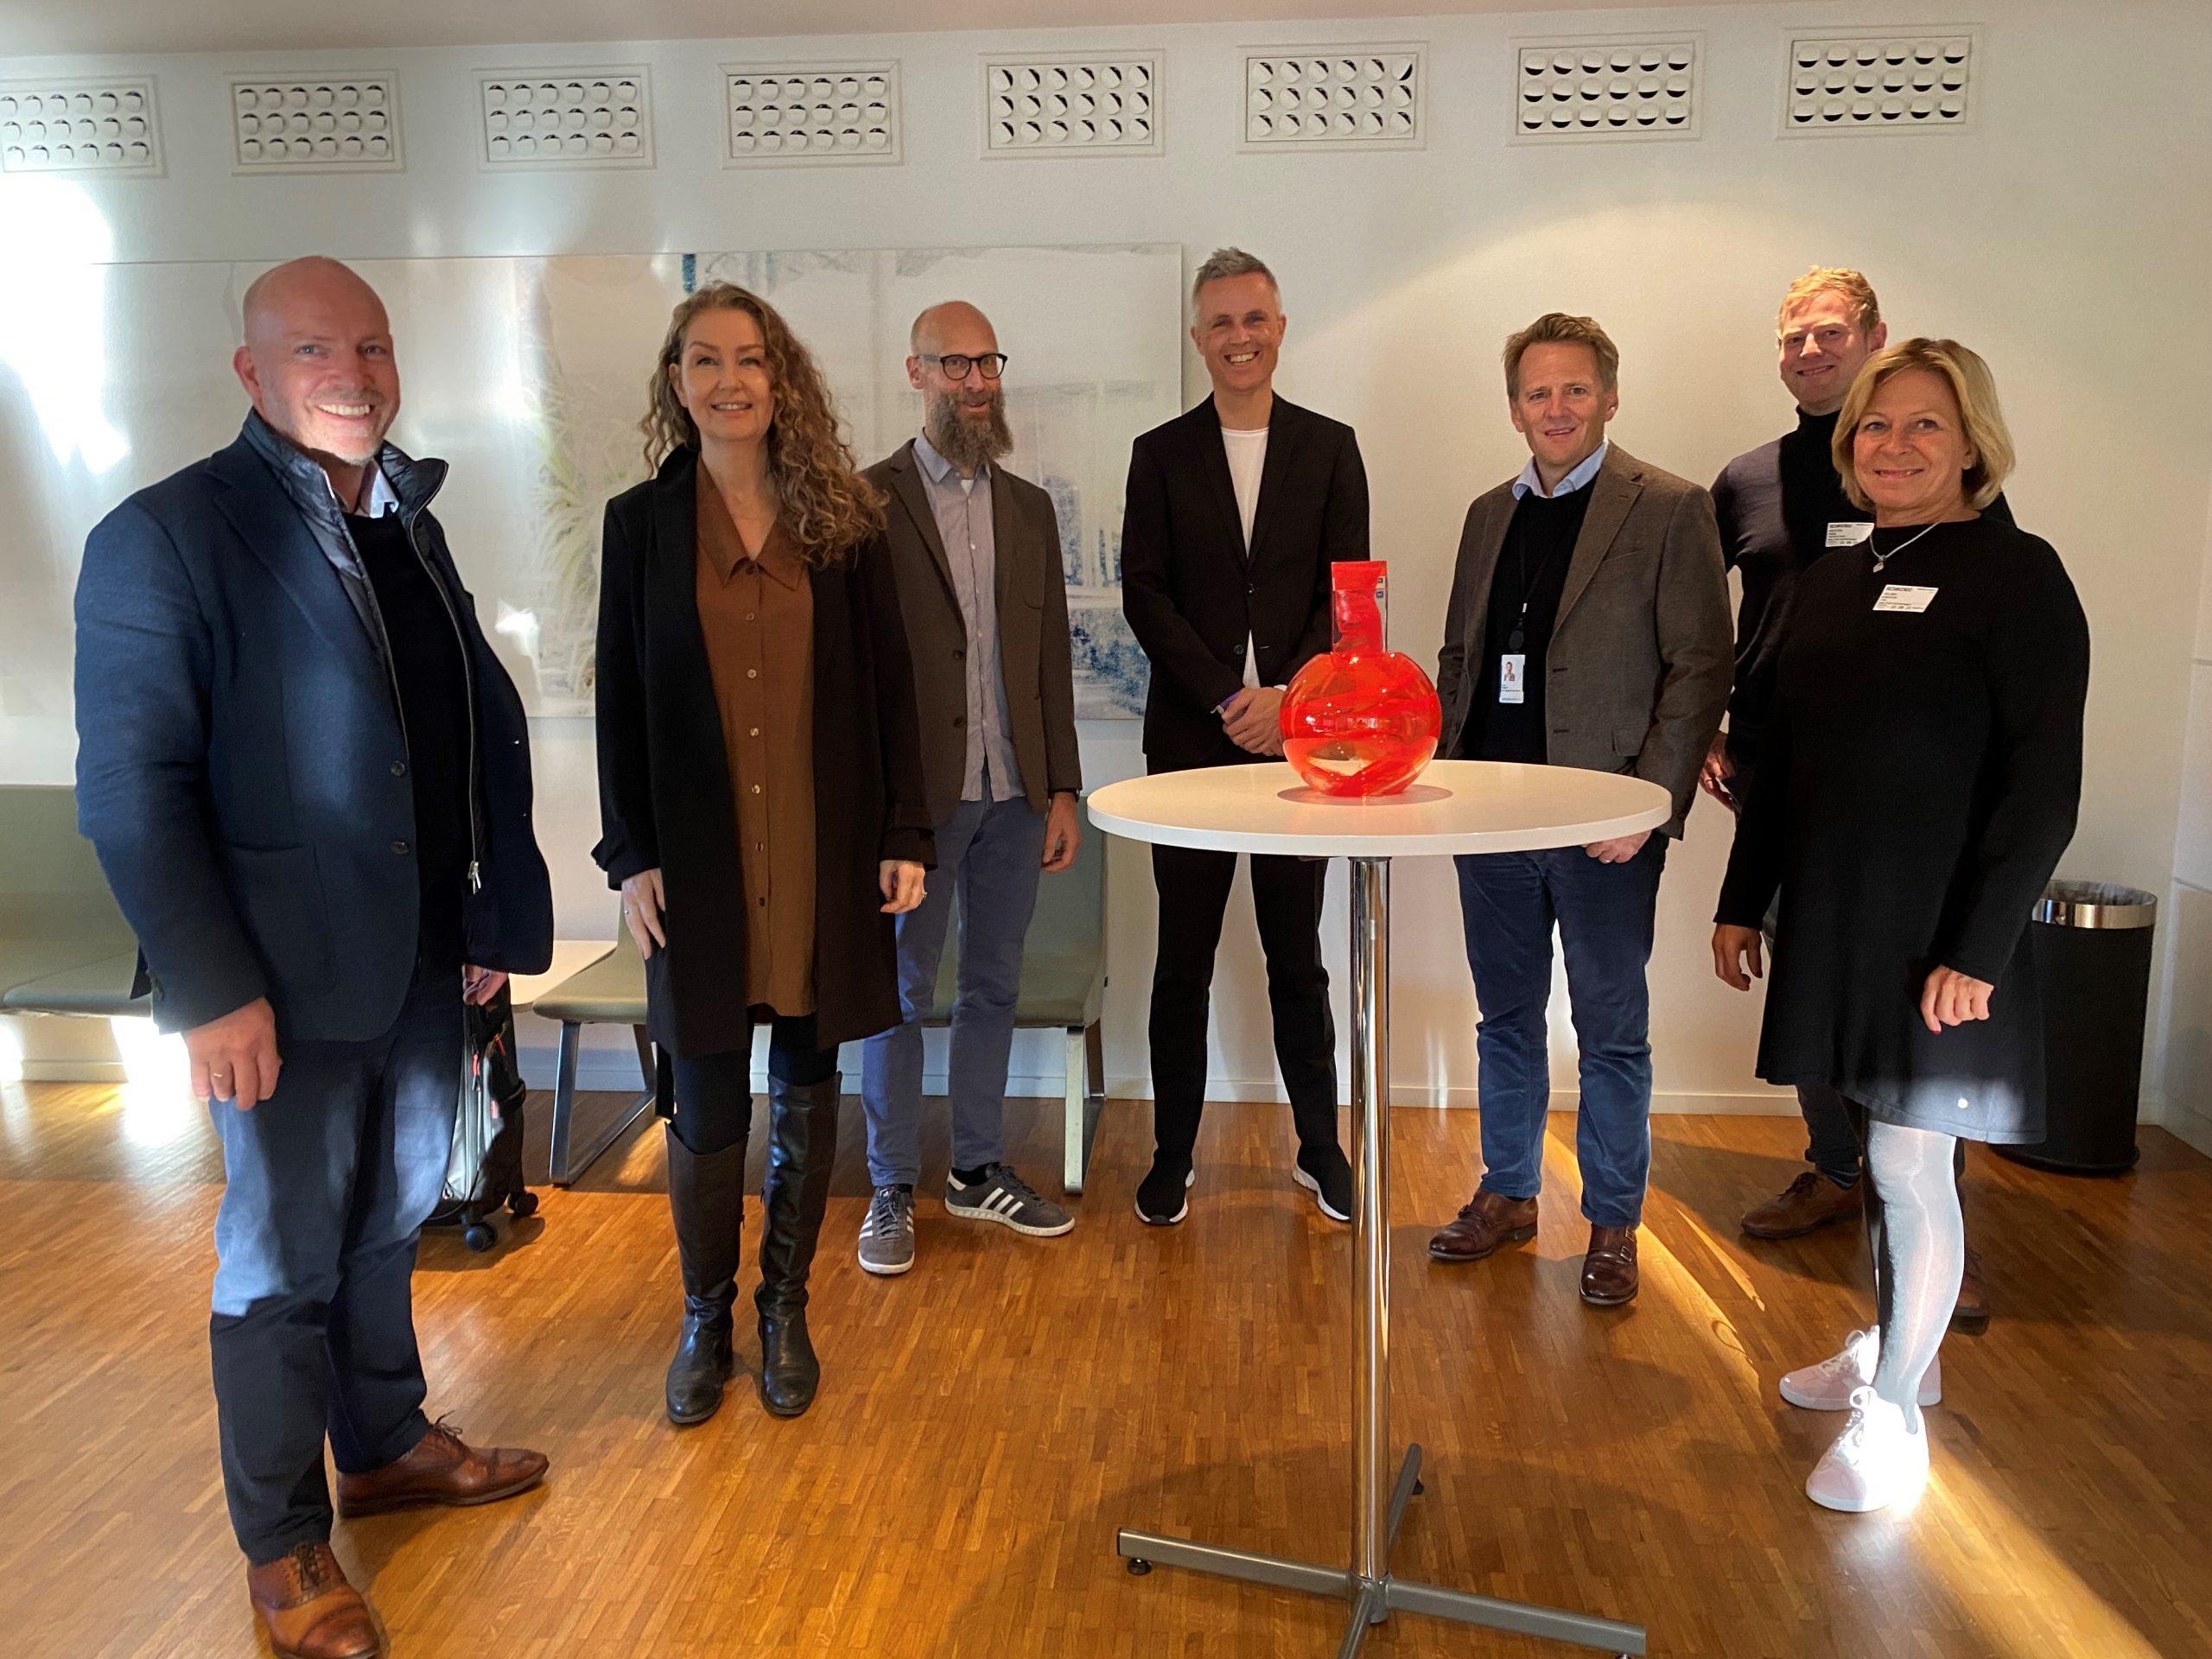 Her ser du juryen til Byggenæringens Innovasjonspris 2021 bestående av Fra venstre Gunnar G. Nybø, Hege Schøyen Dillner, Sindre Samsing, Tor Inge Hjemdal, Jøns Sjøgren, Krister Moen, Aslaug Koksvik